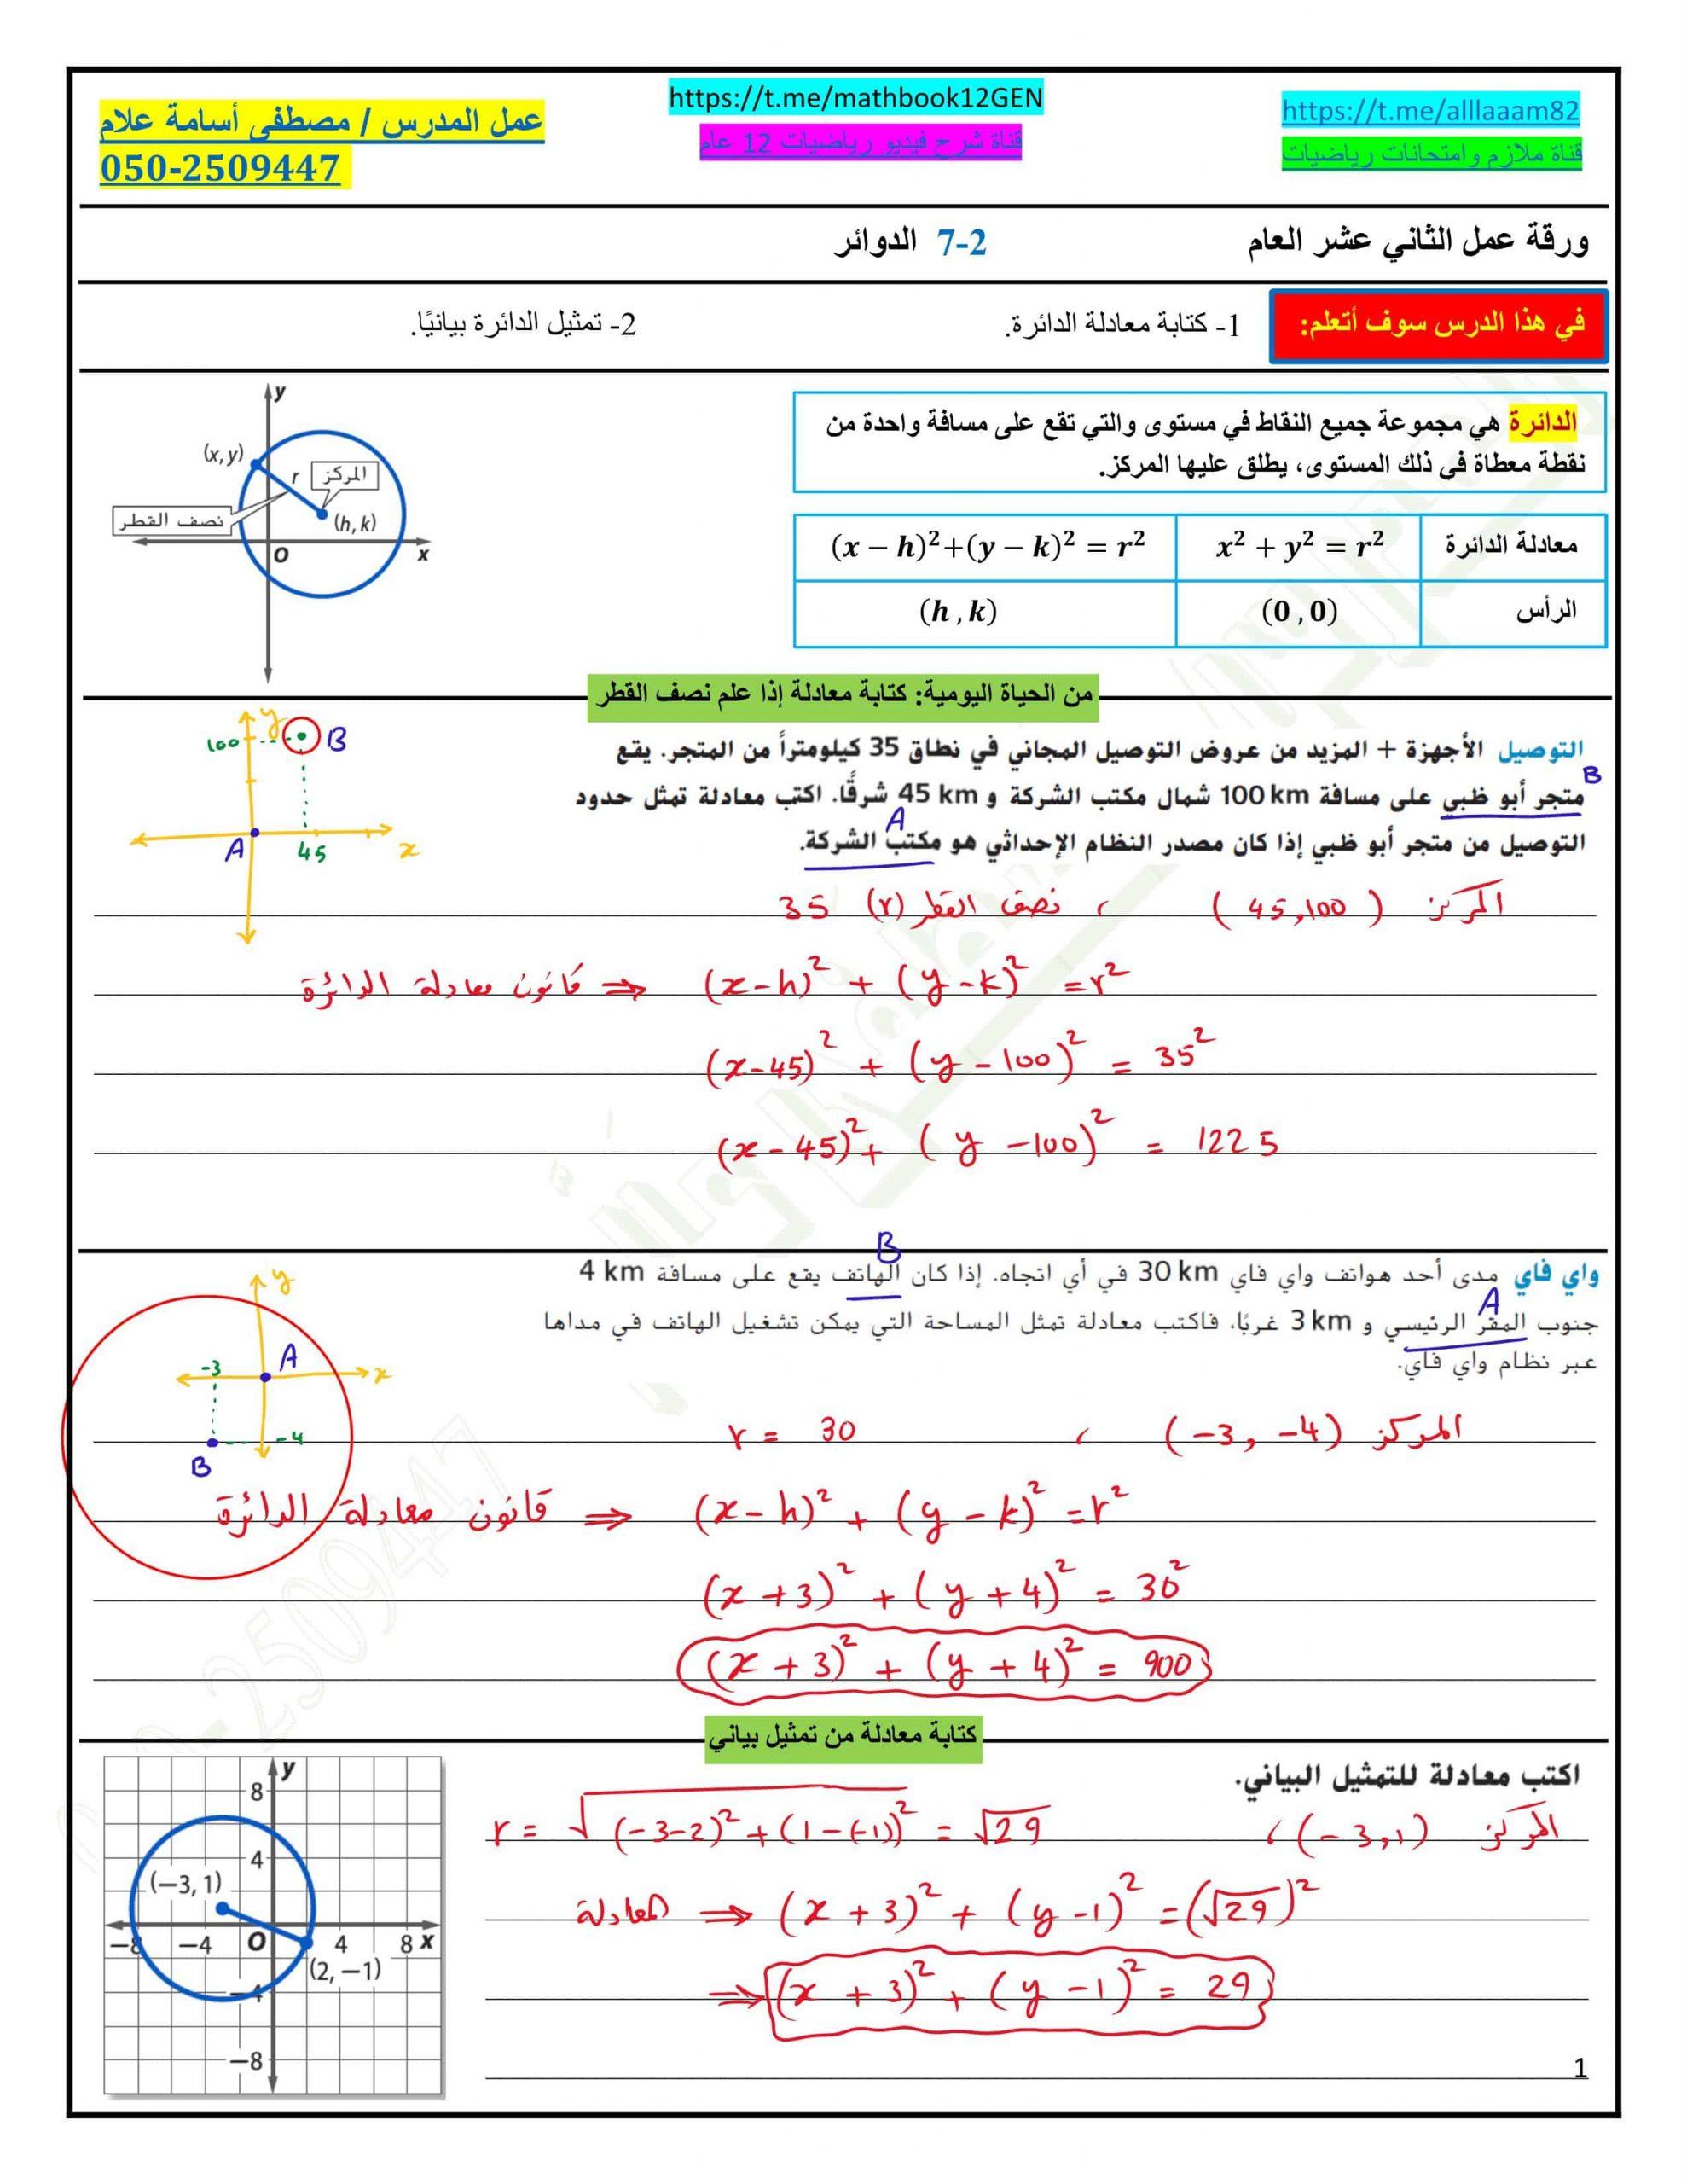 حل أوراق عمل الدوائر الصف الثاني عشر عام مادة الرياضيات المتكاملة